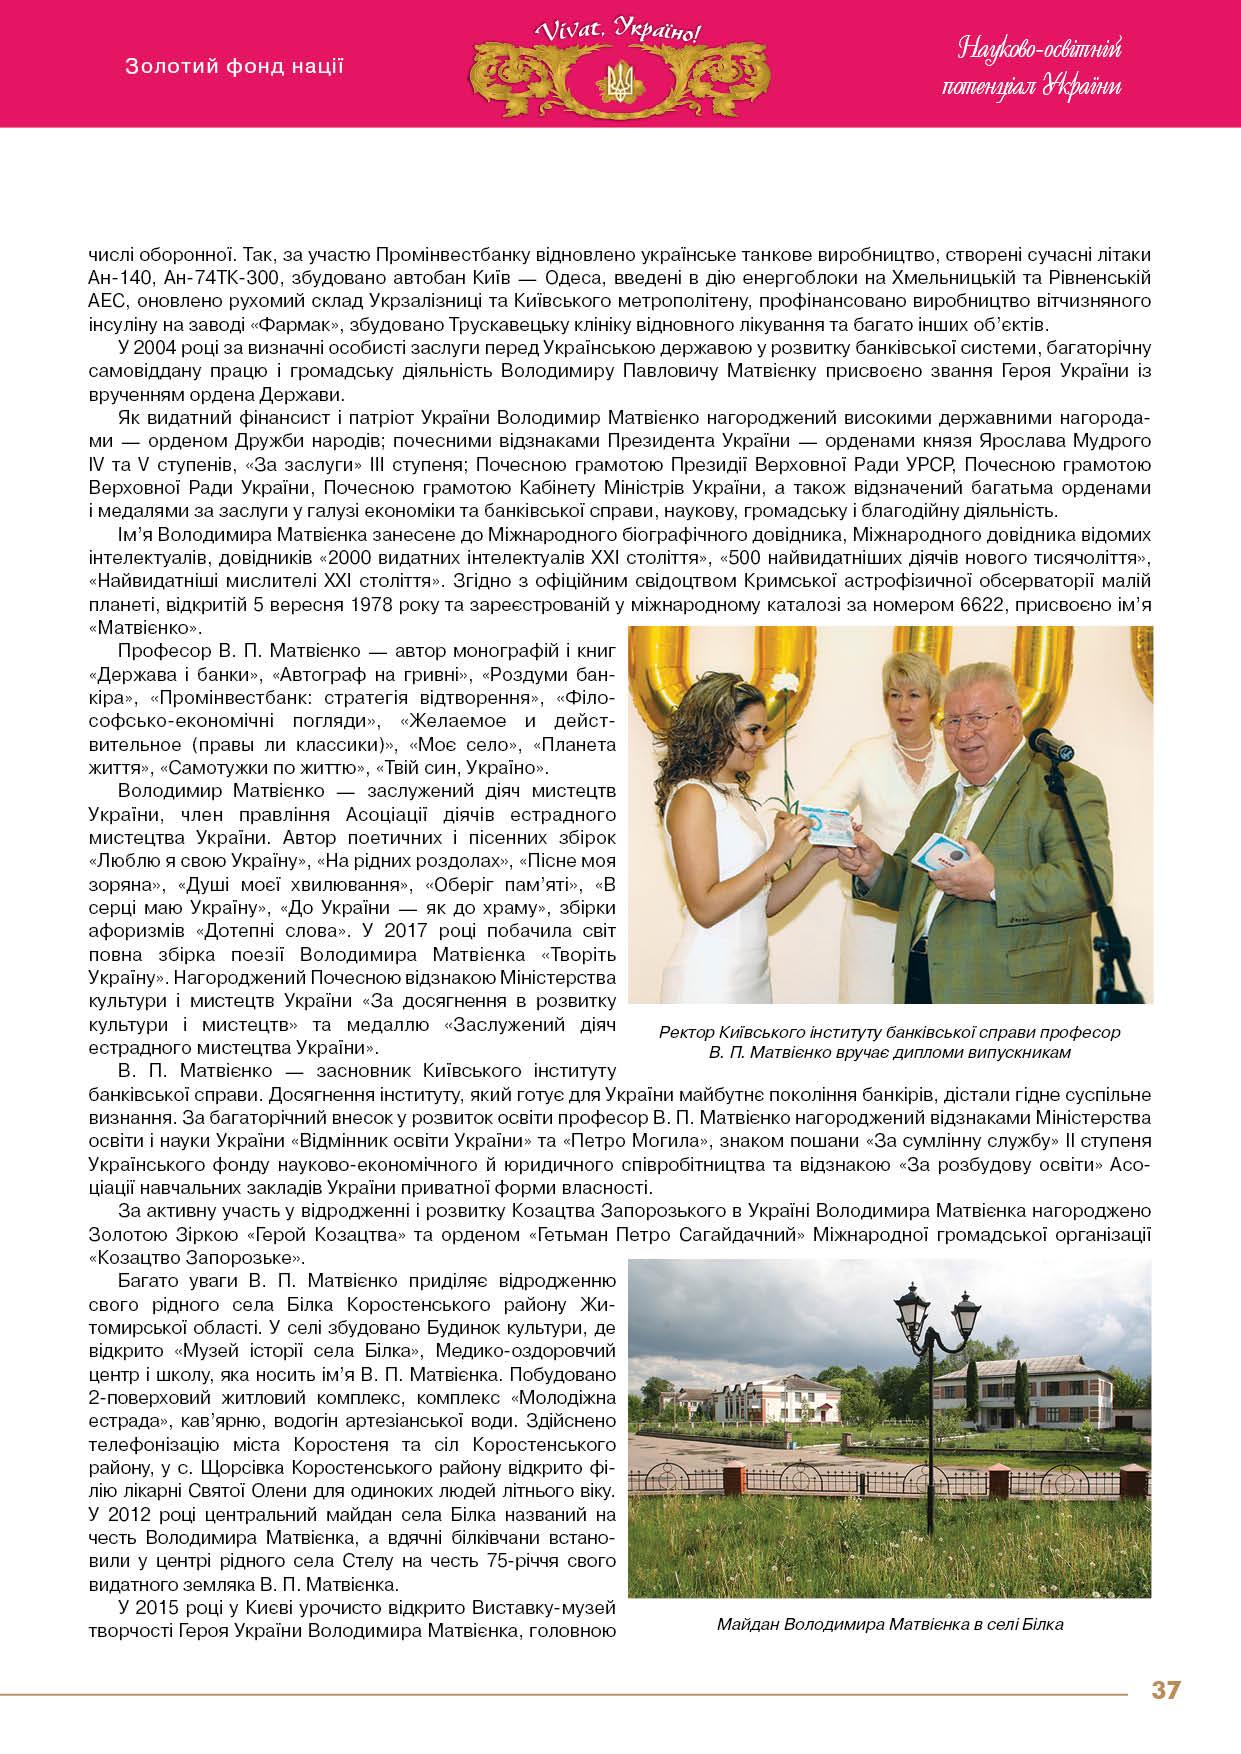 Матвієнко Володимир Павлович